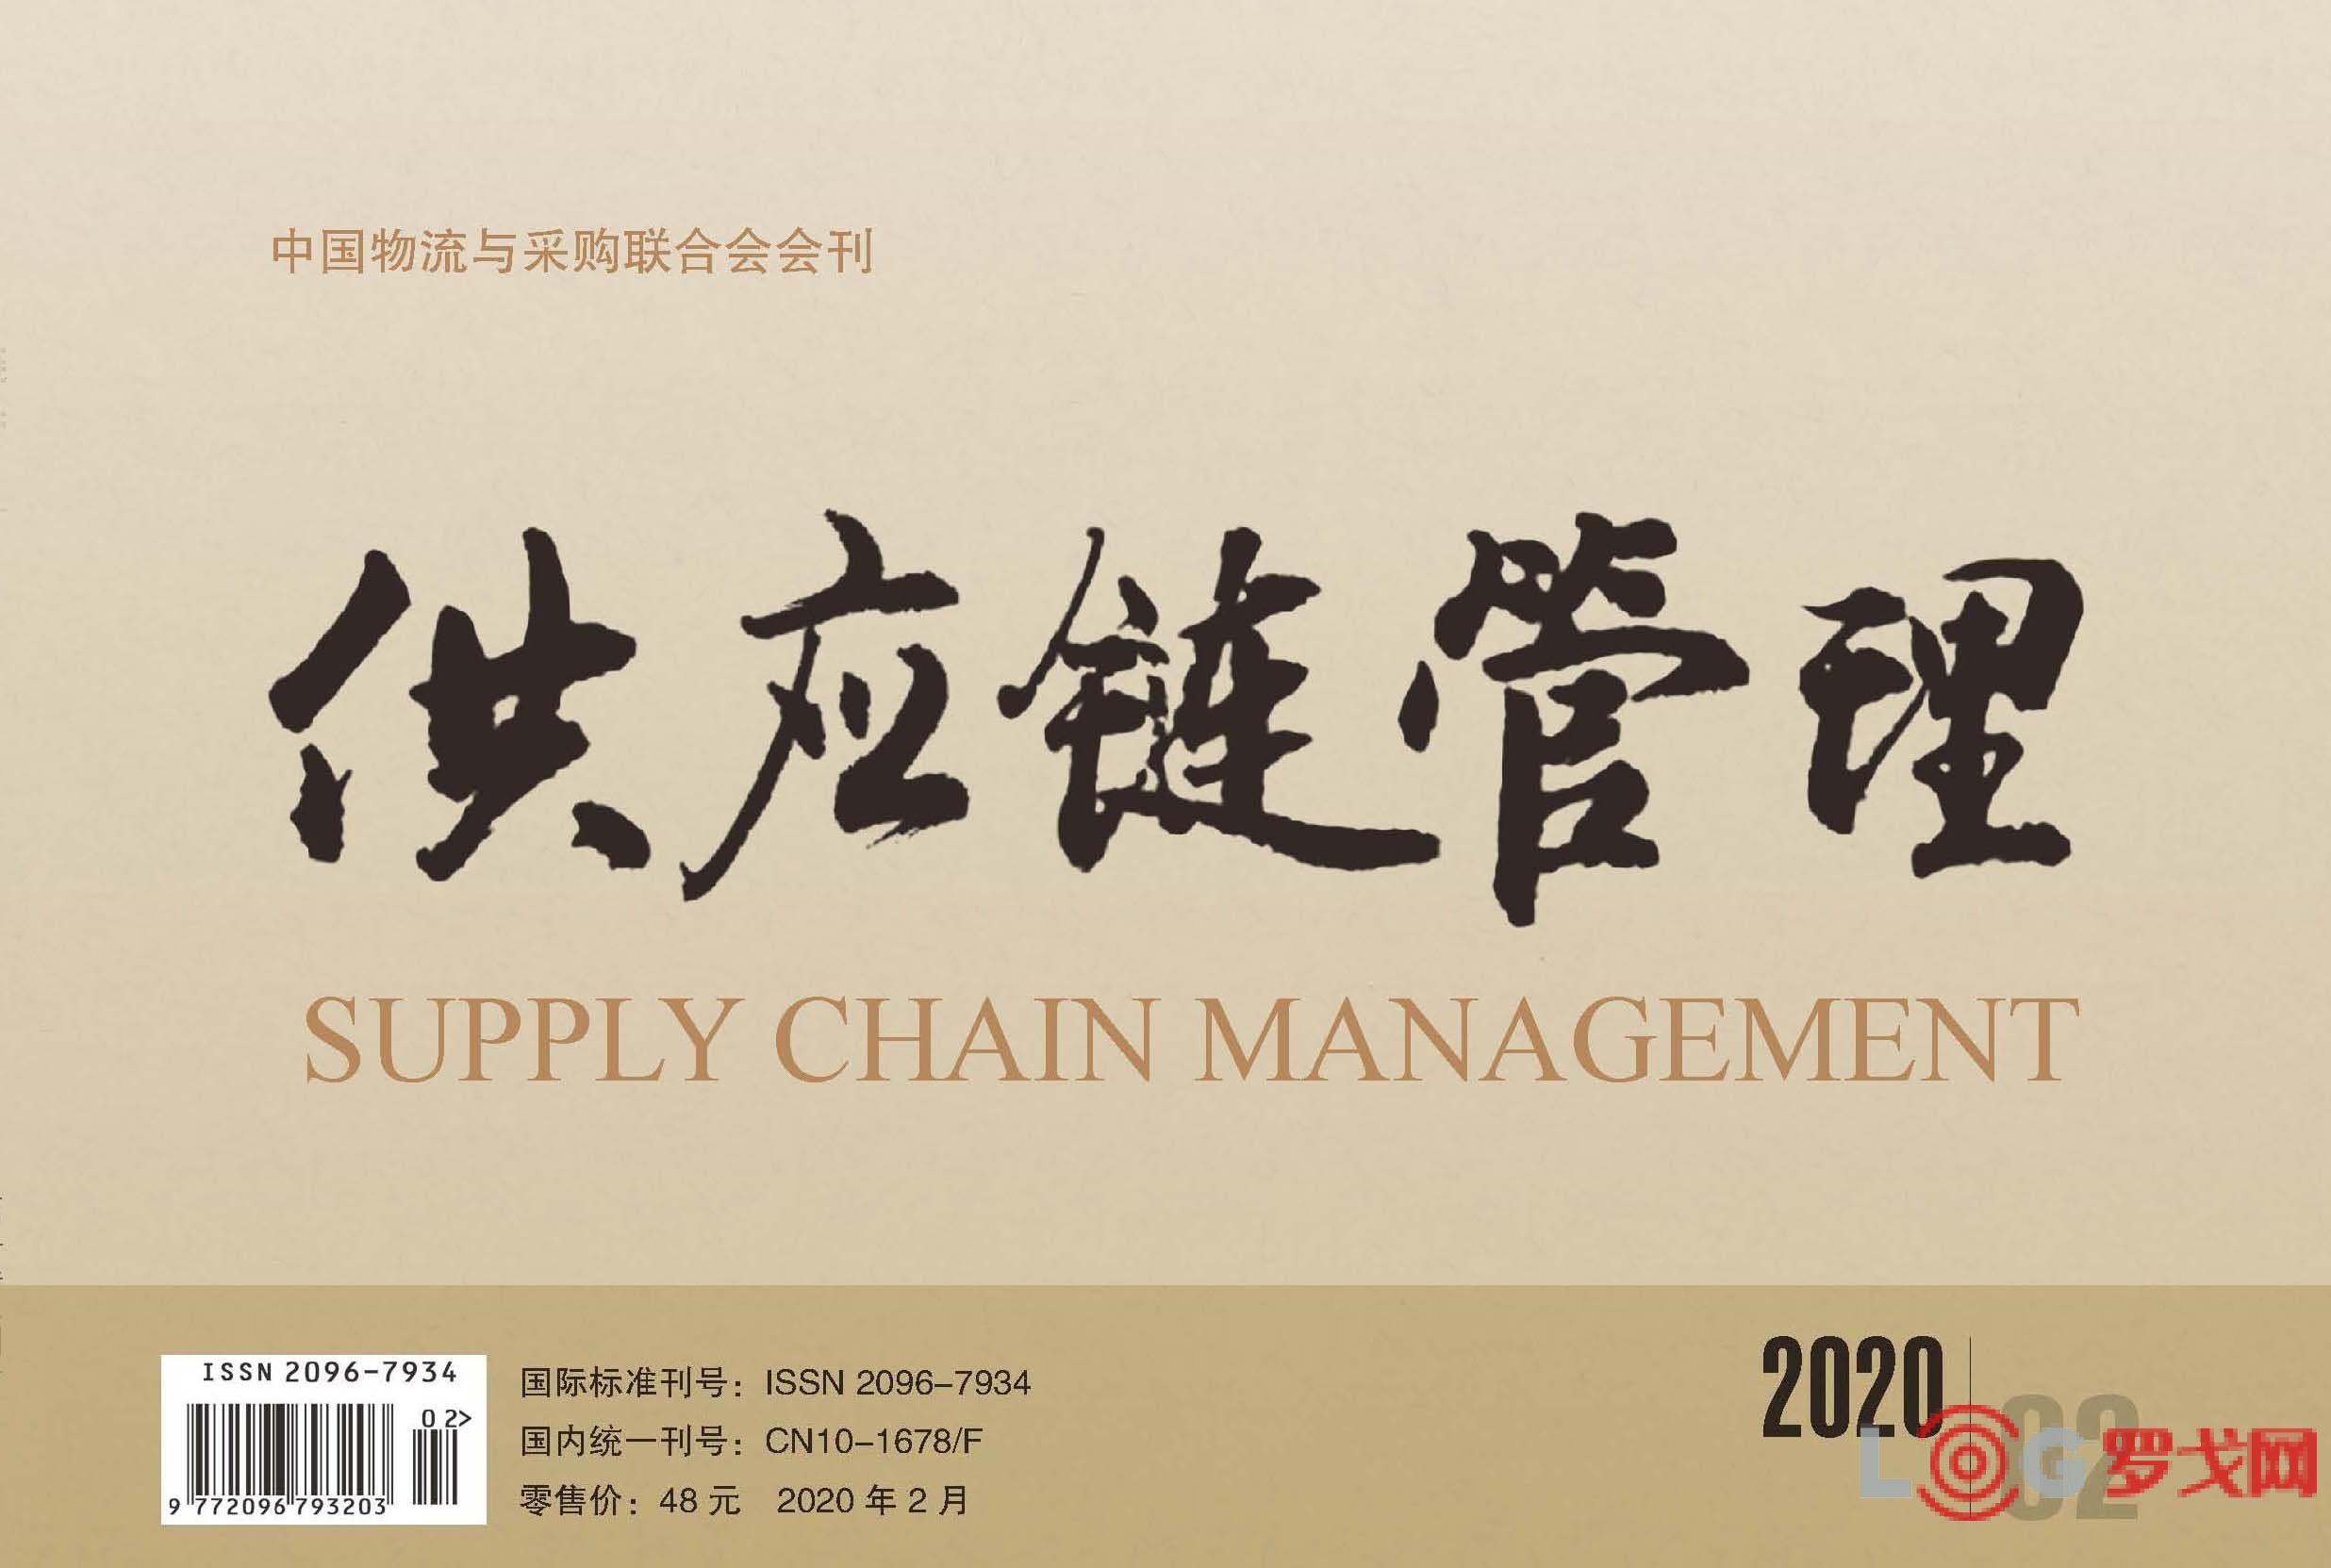 中国唯一《供应链管理》杂志电子版 2020-02期